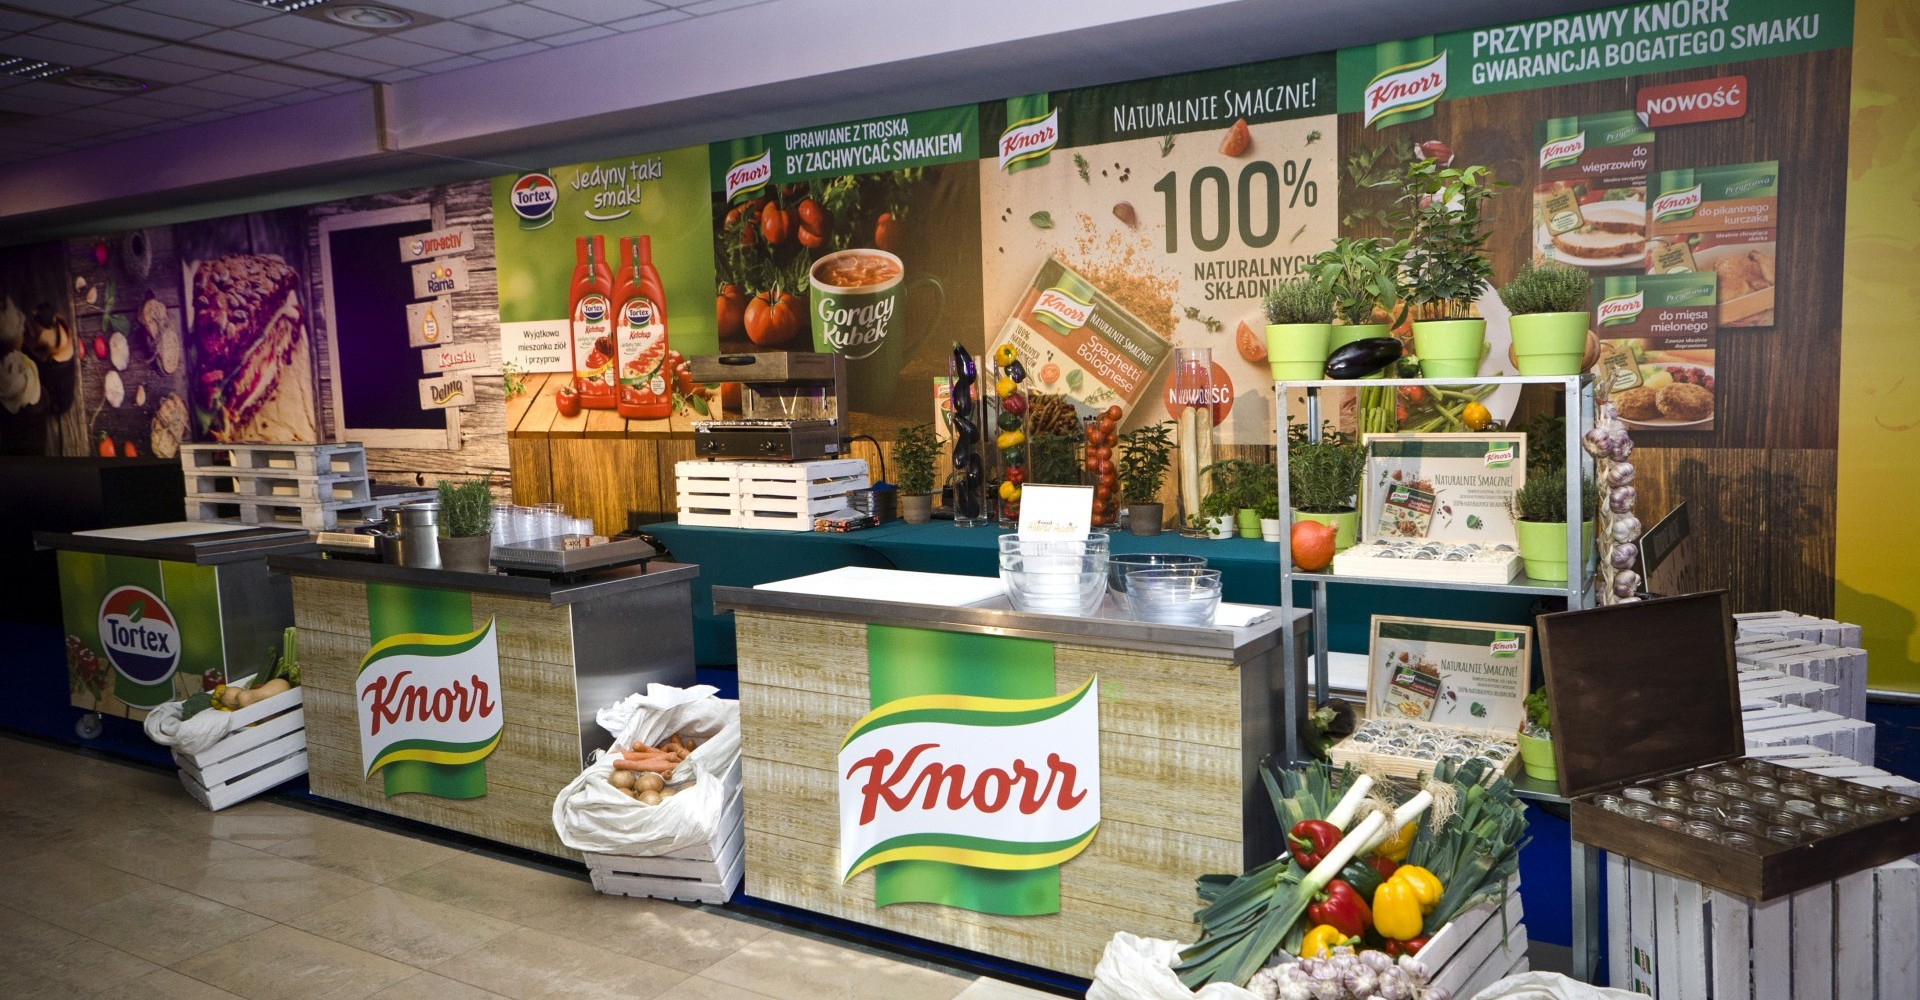 Knorr, gotowanie na żywo